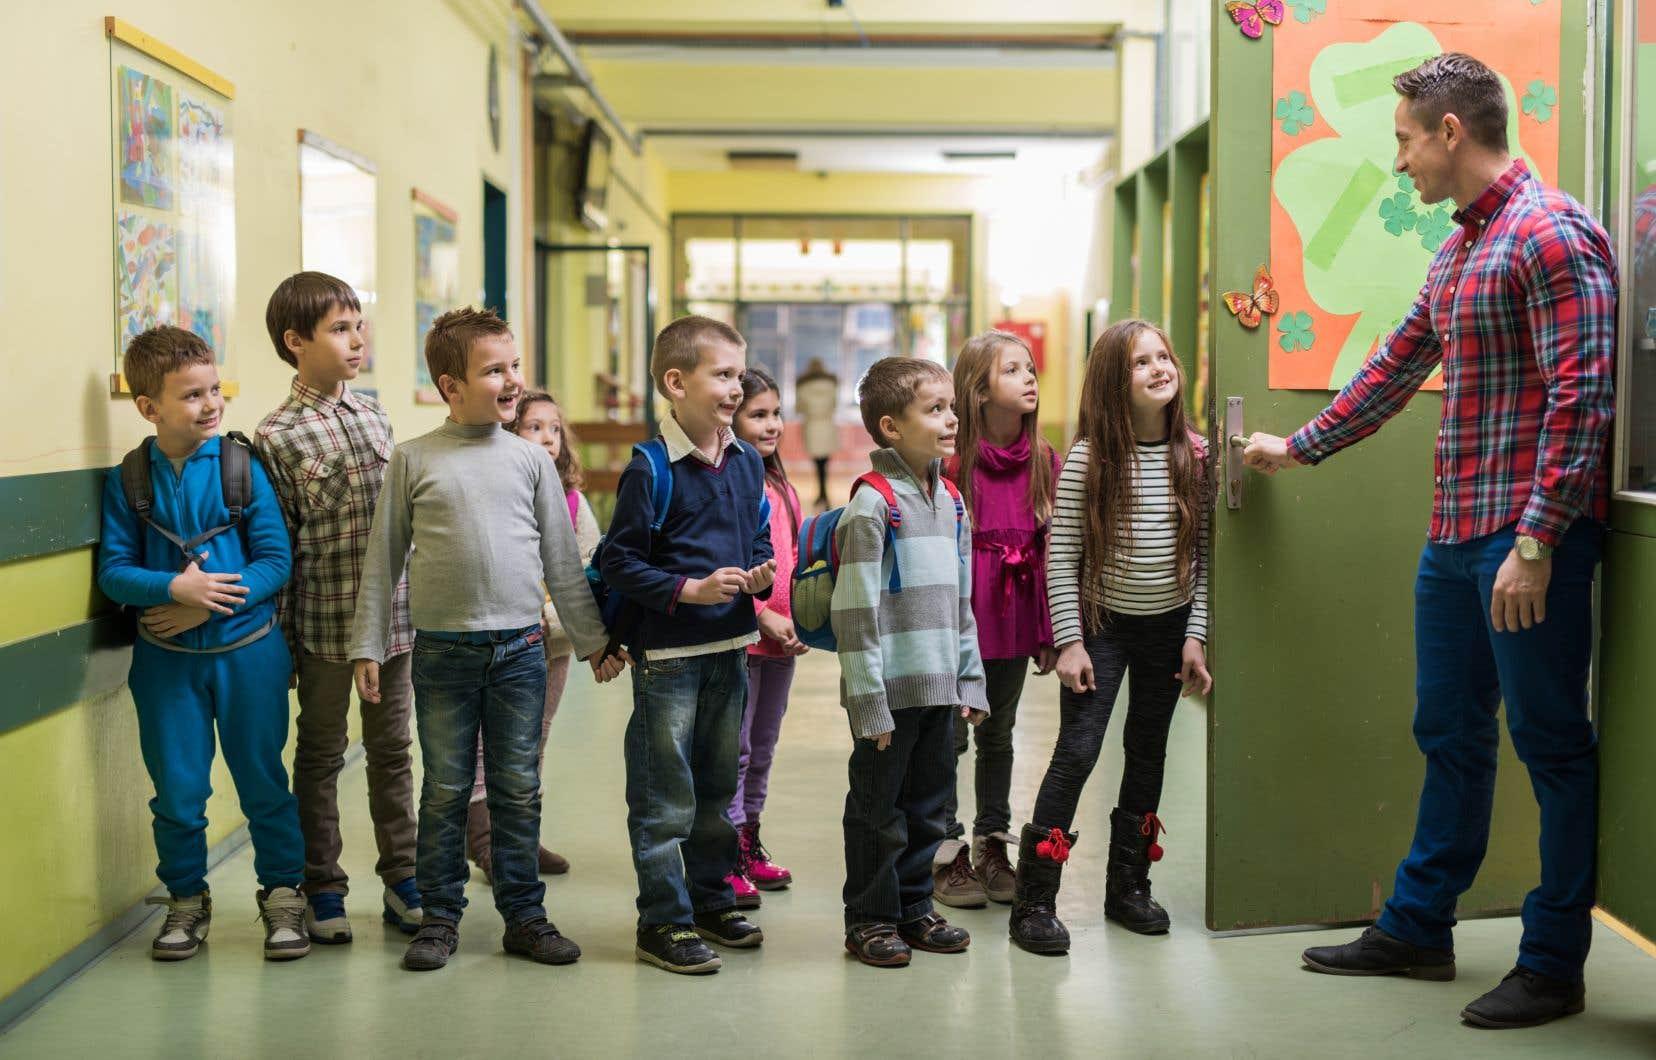 Québec a décrété que tout employé d'une école primaire ou secondaire qui postule à un poste de direction aura une hausse de salaire de 10%.